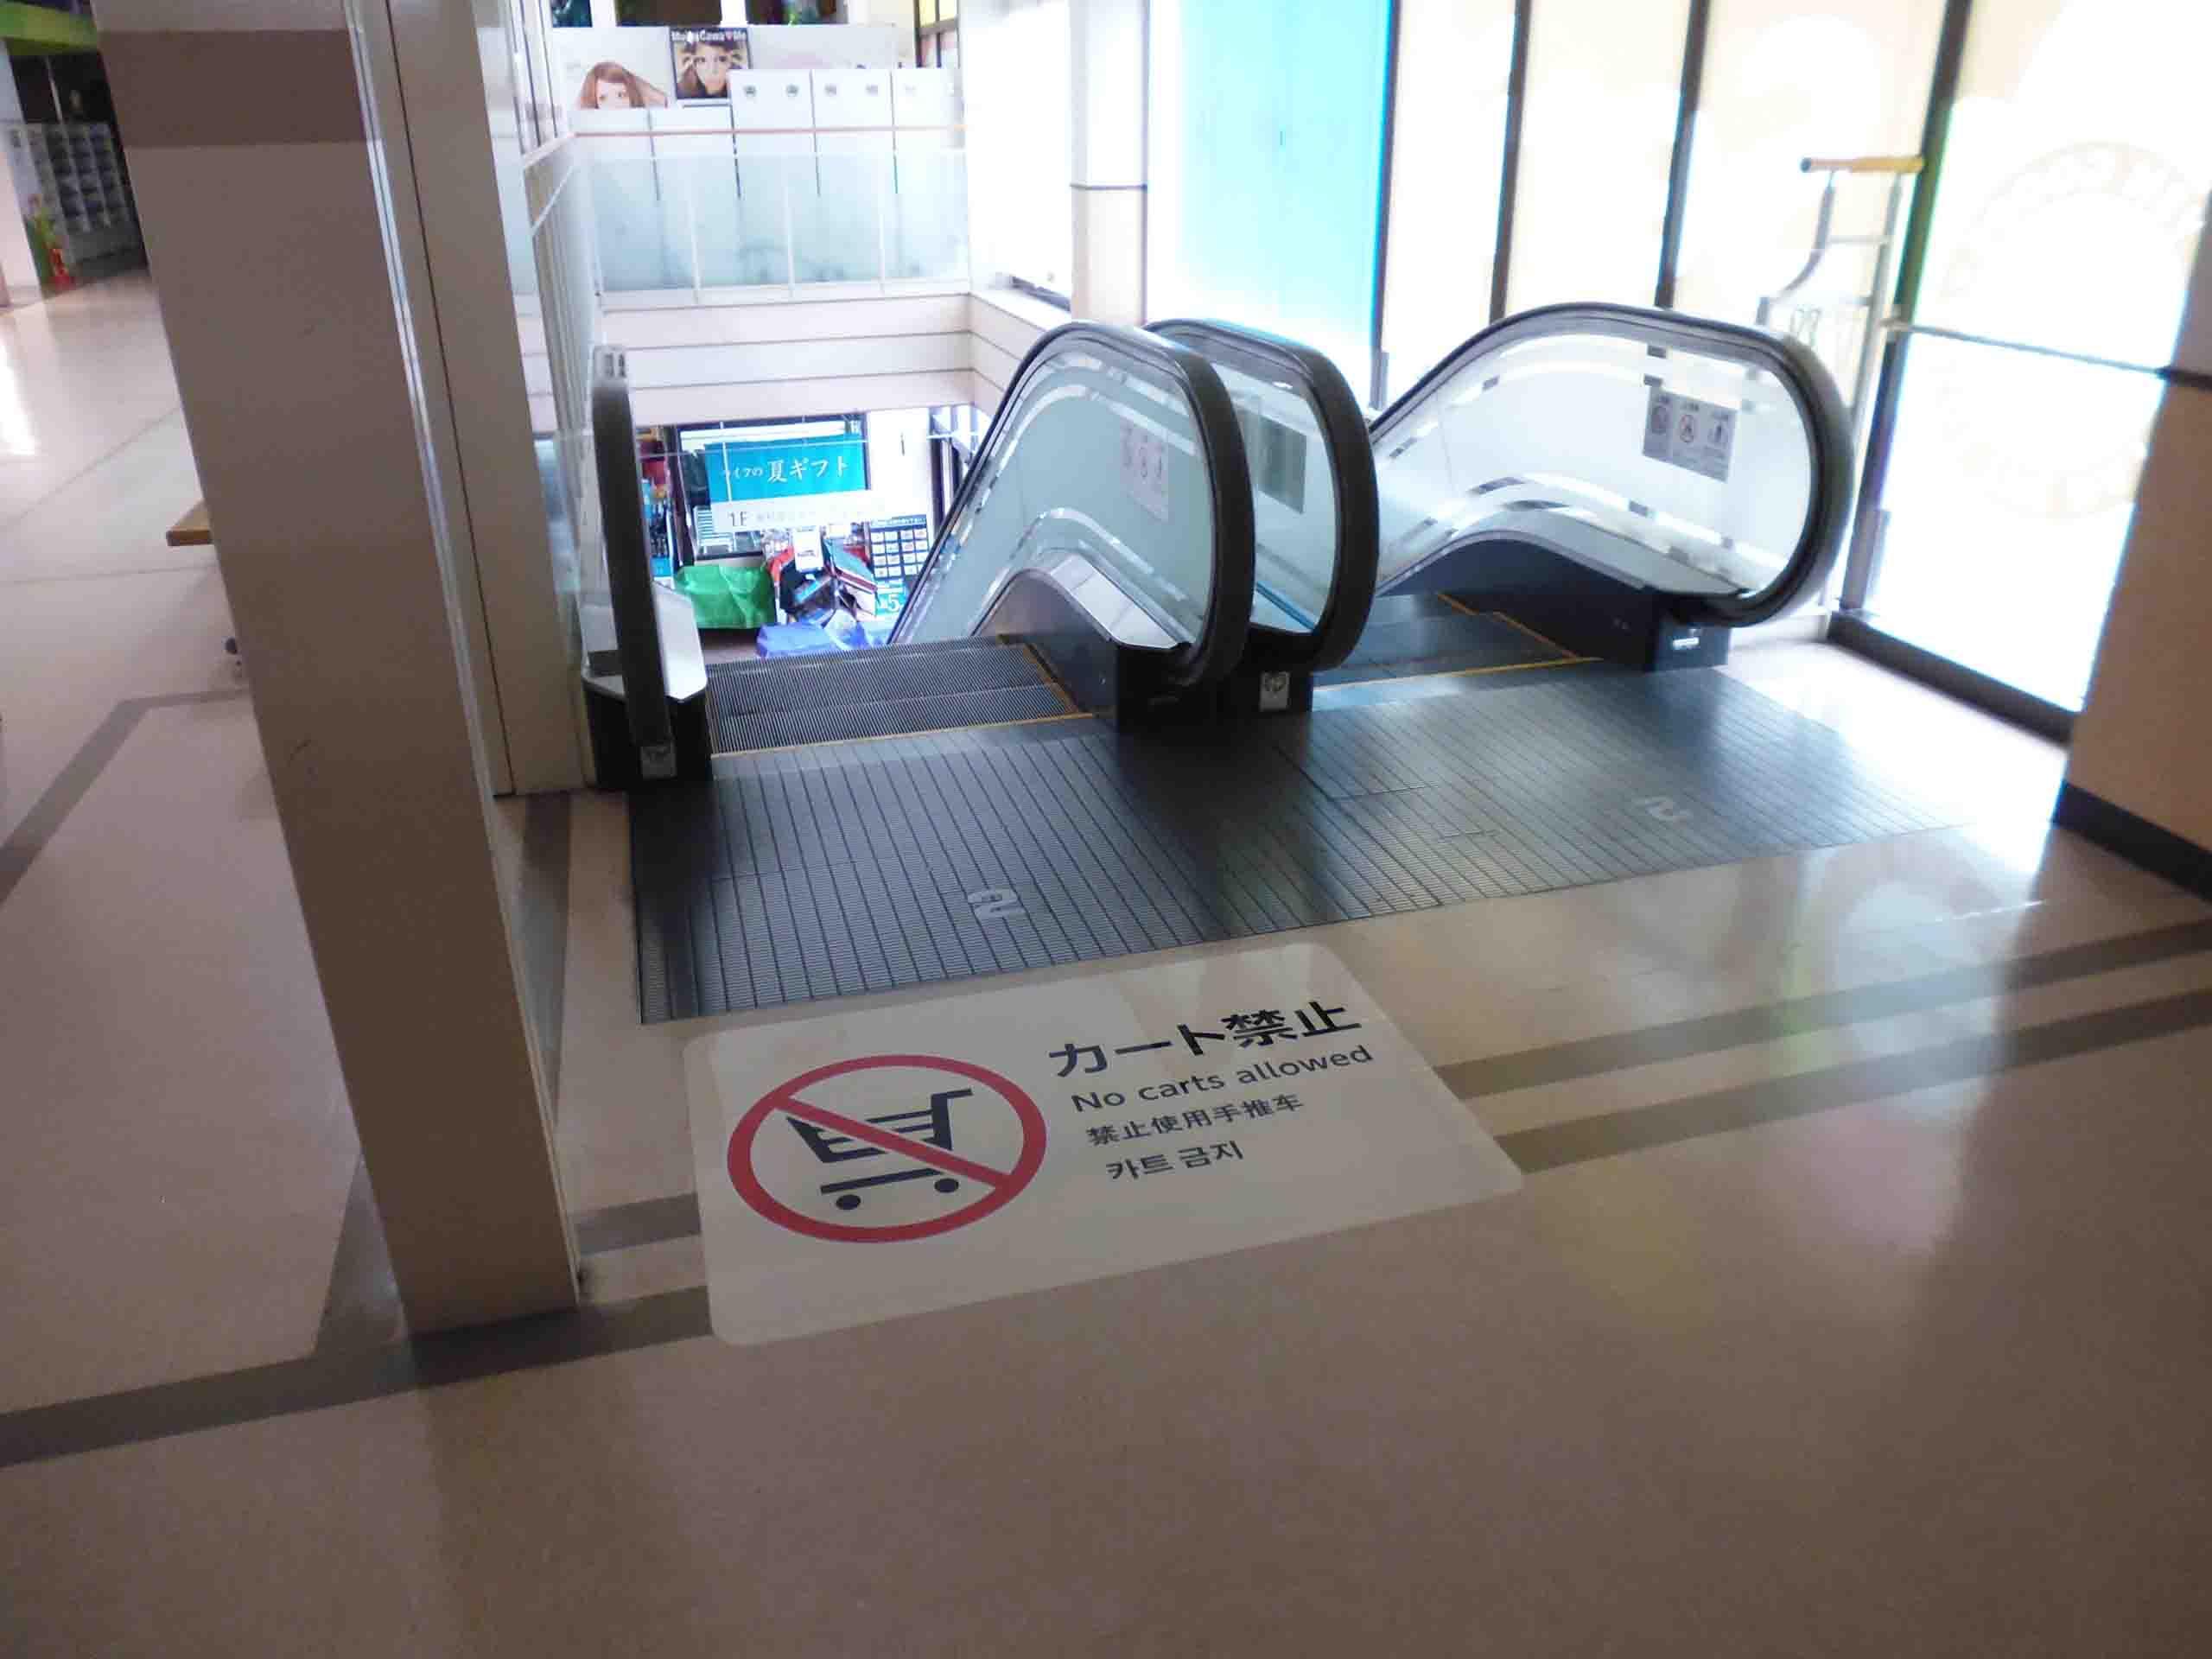 エスカレーター乗り口床面に施工したカート禁止注意喚起シート